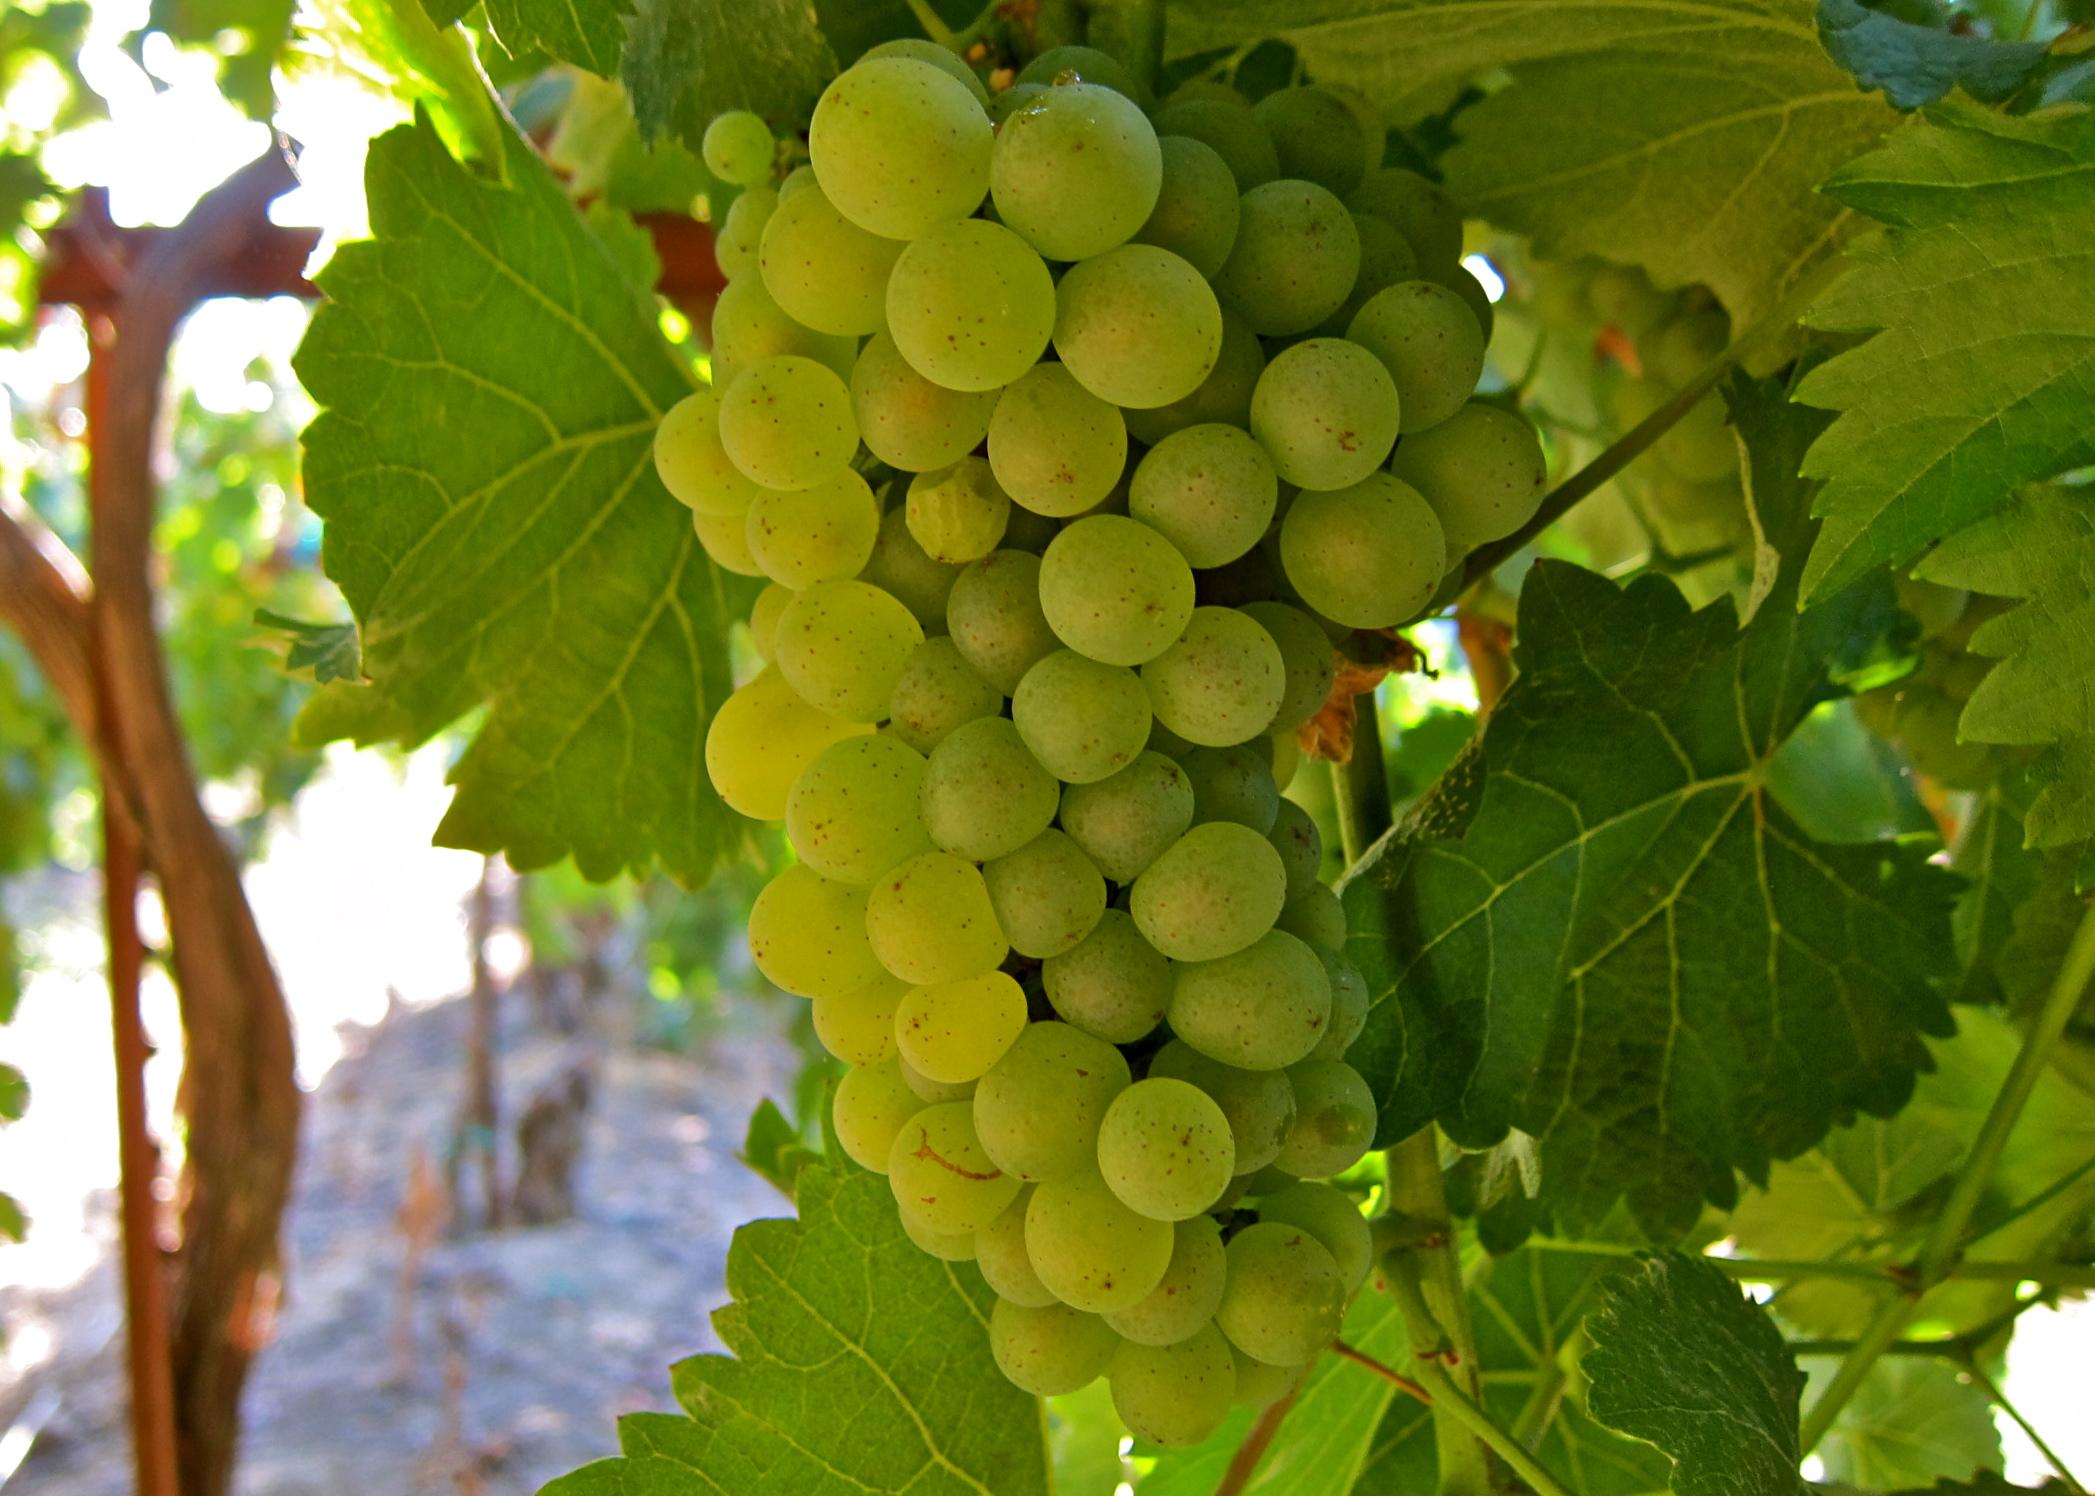 Chenin blanc là gì? Hướng dẫn không thể thiếu về rượu vang Chenin Blanc